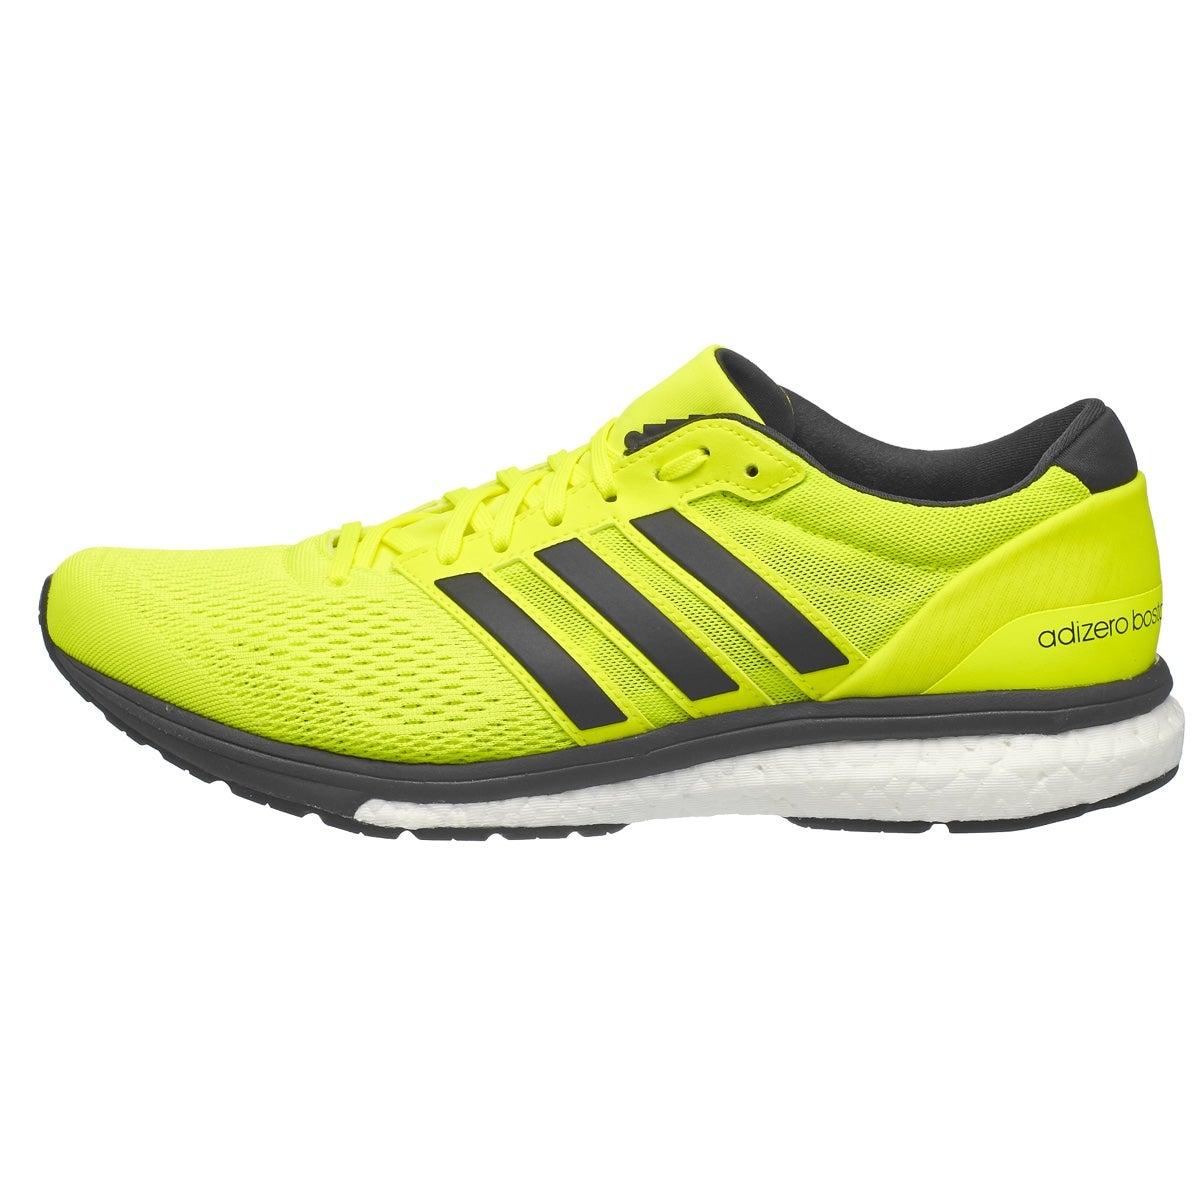 Adizero Men S Running Shoes